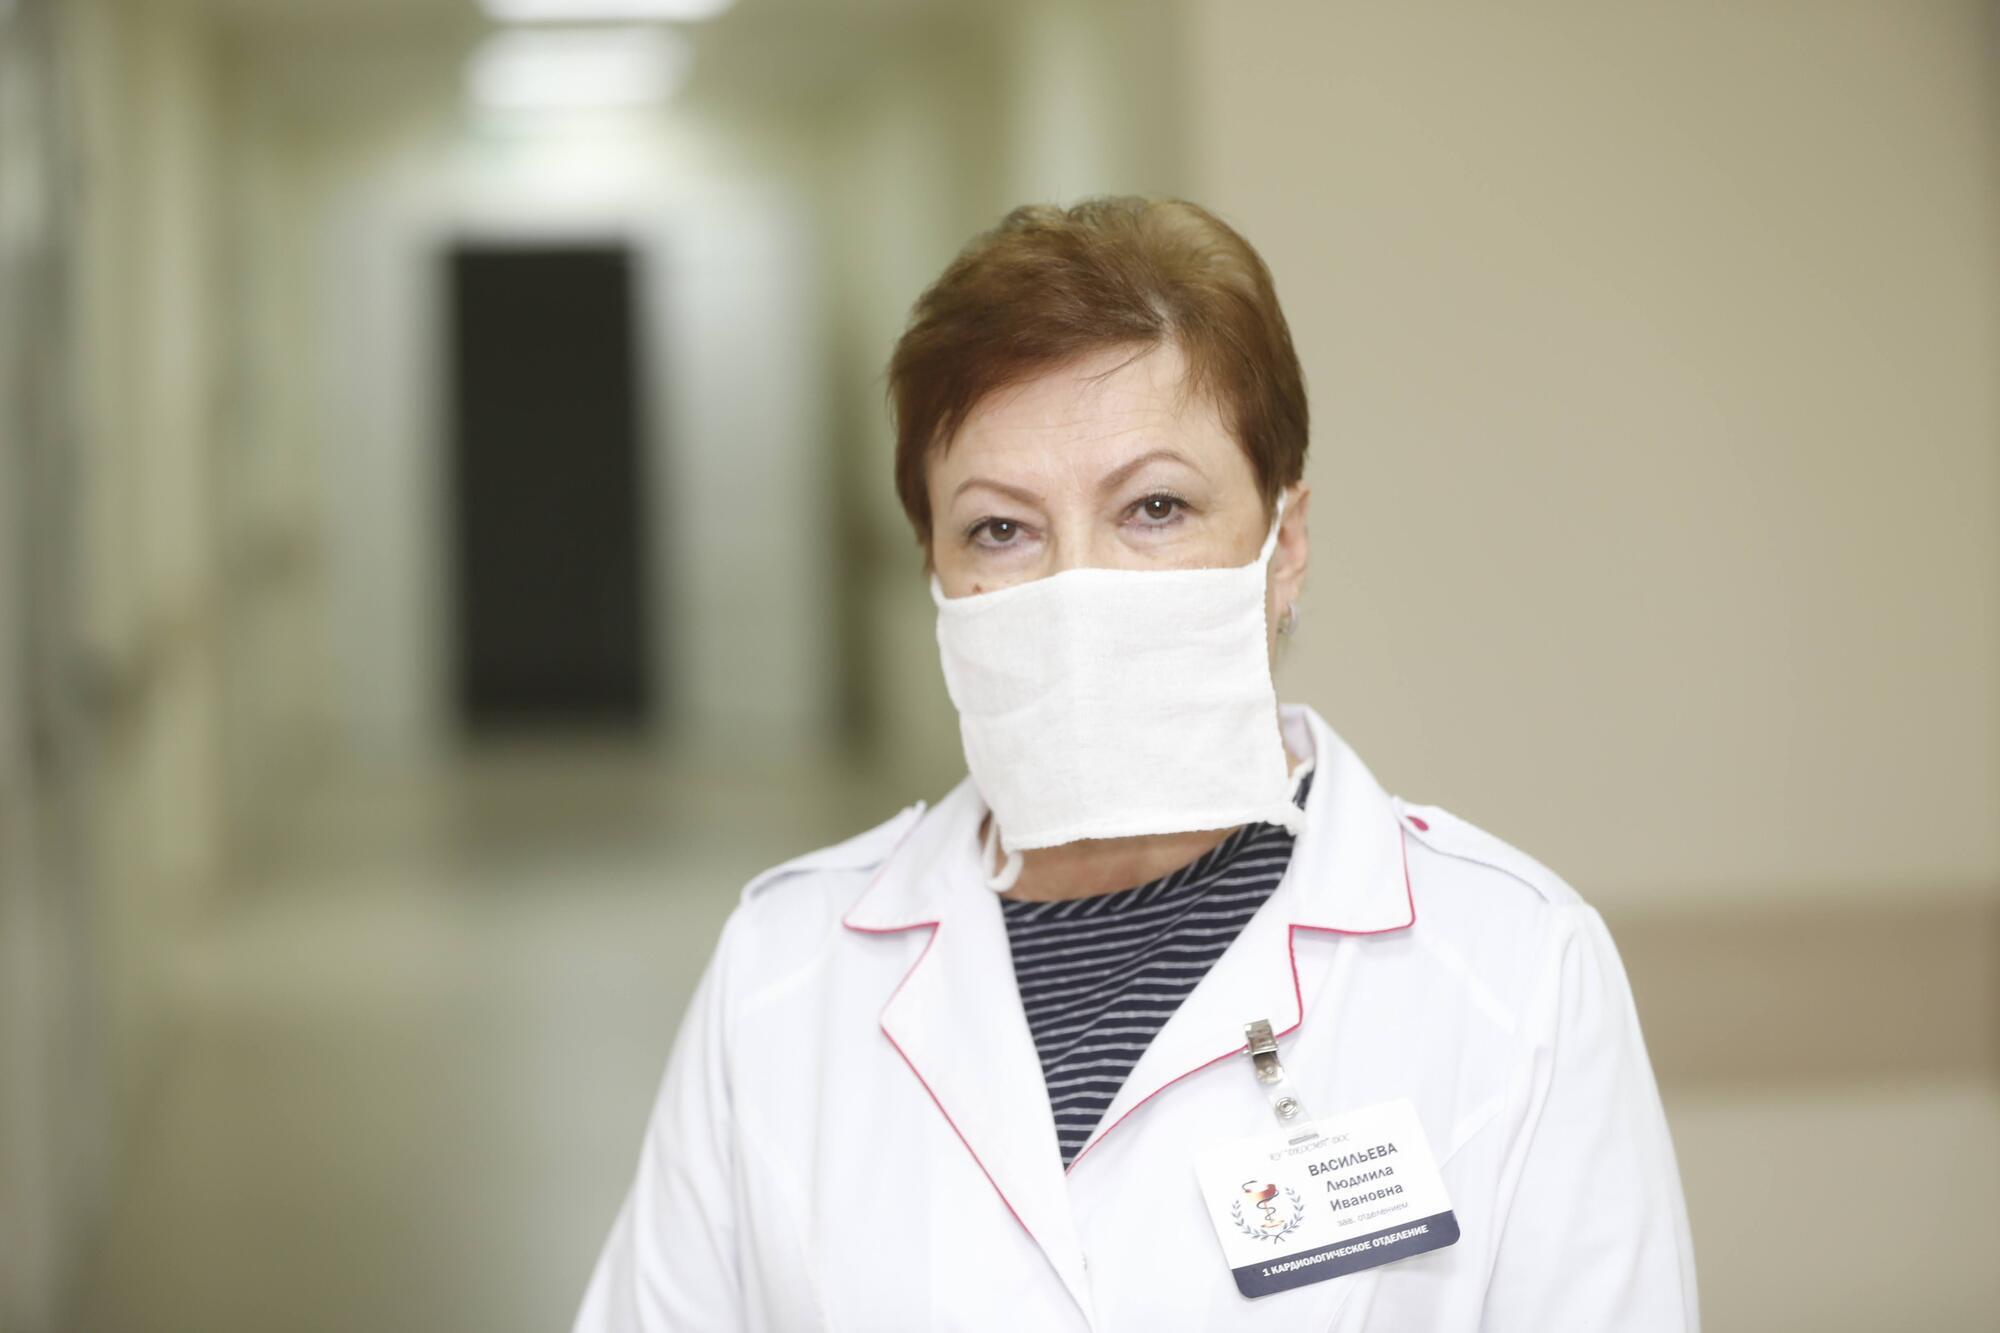 Людмила Васильева рассказала, что персонал больницы с нетерпением ждет открытия отделения